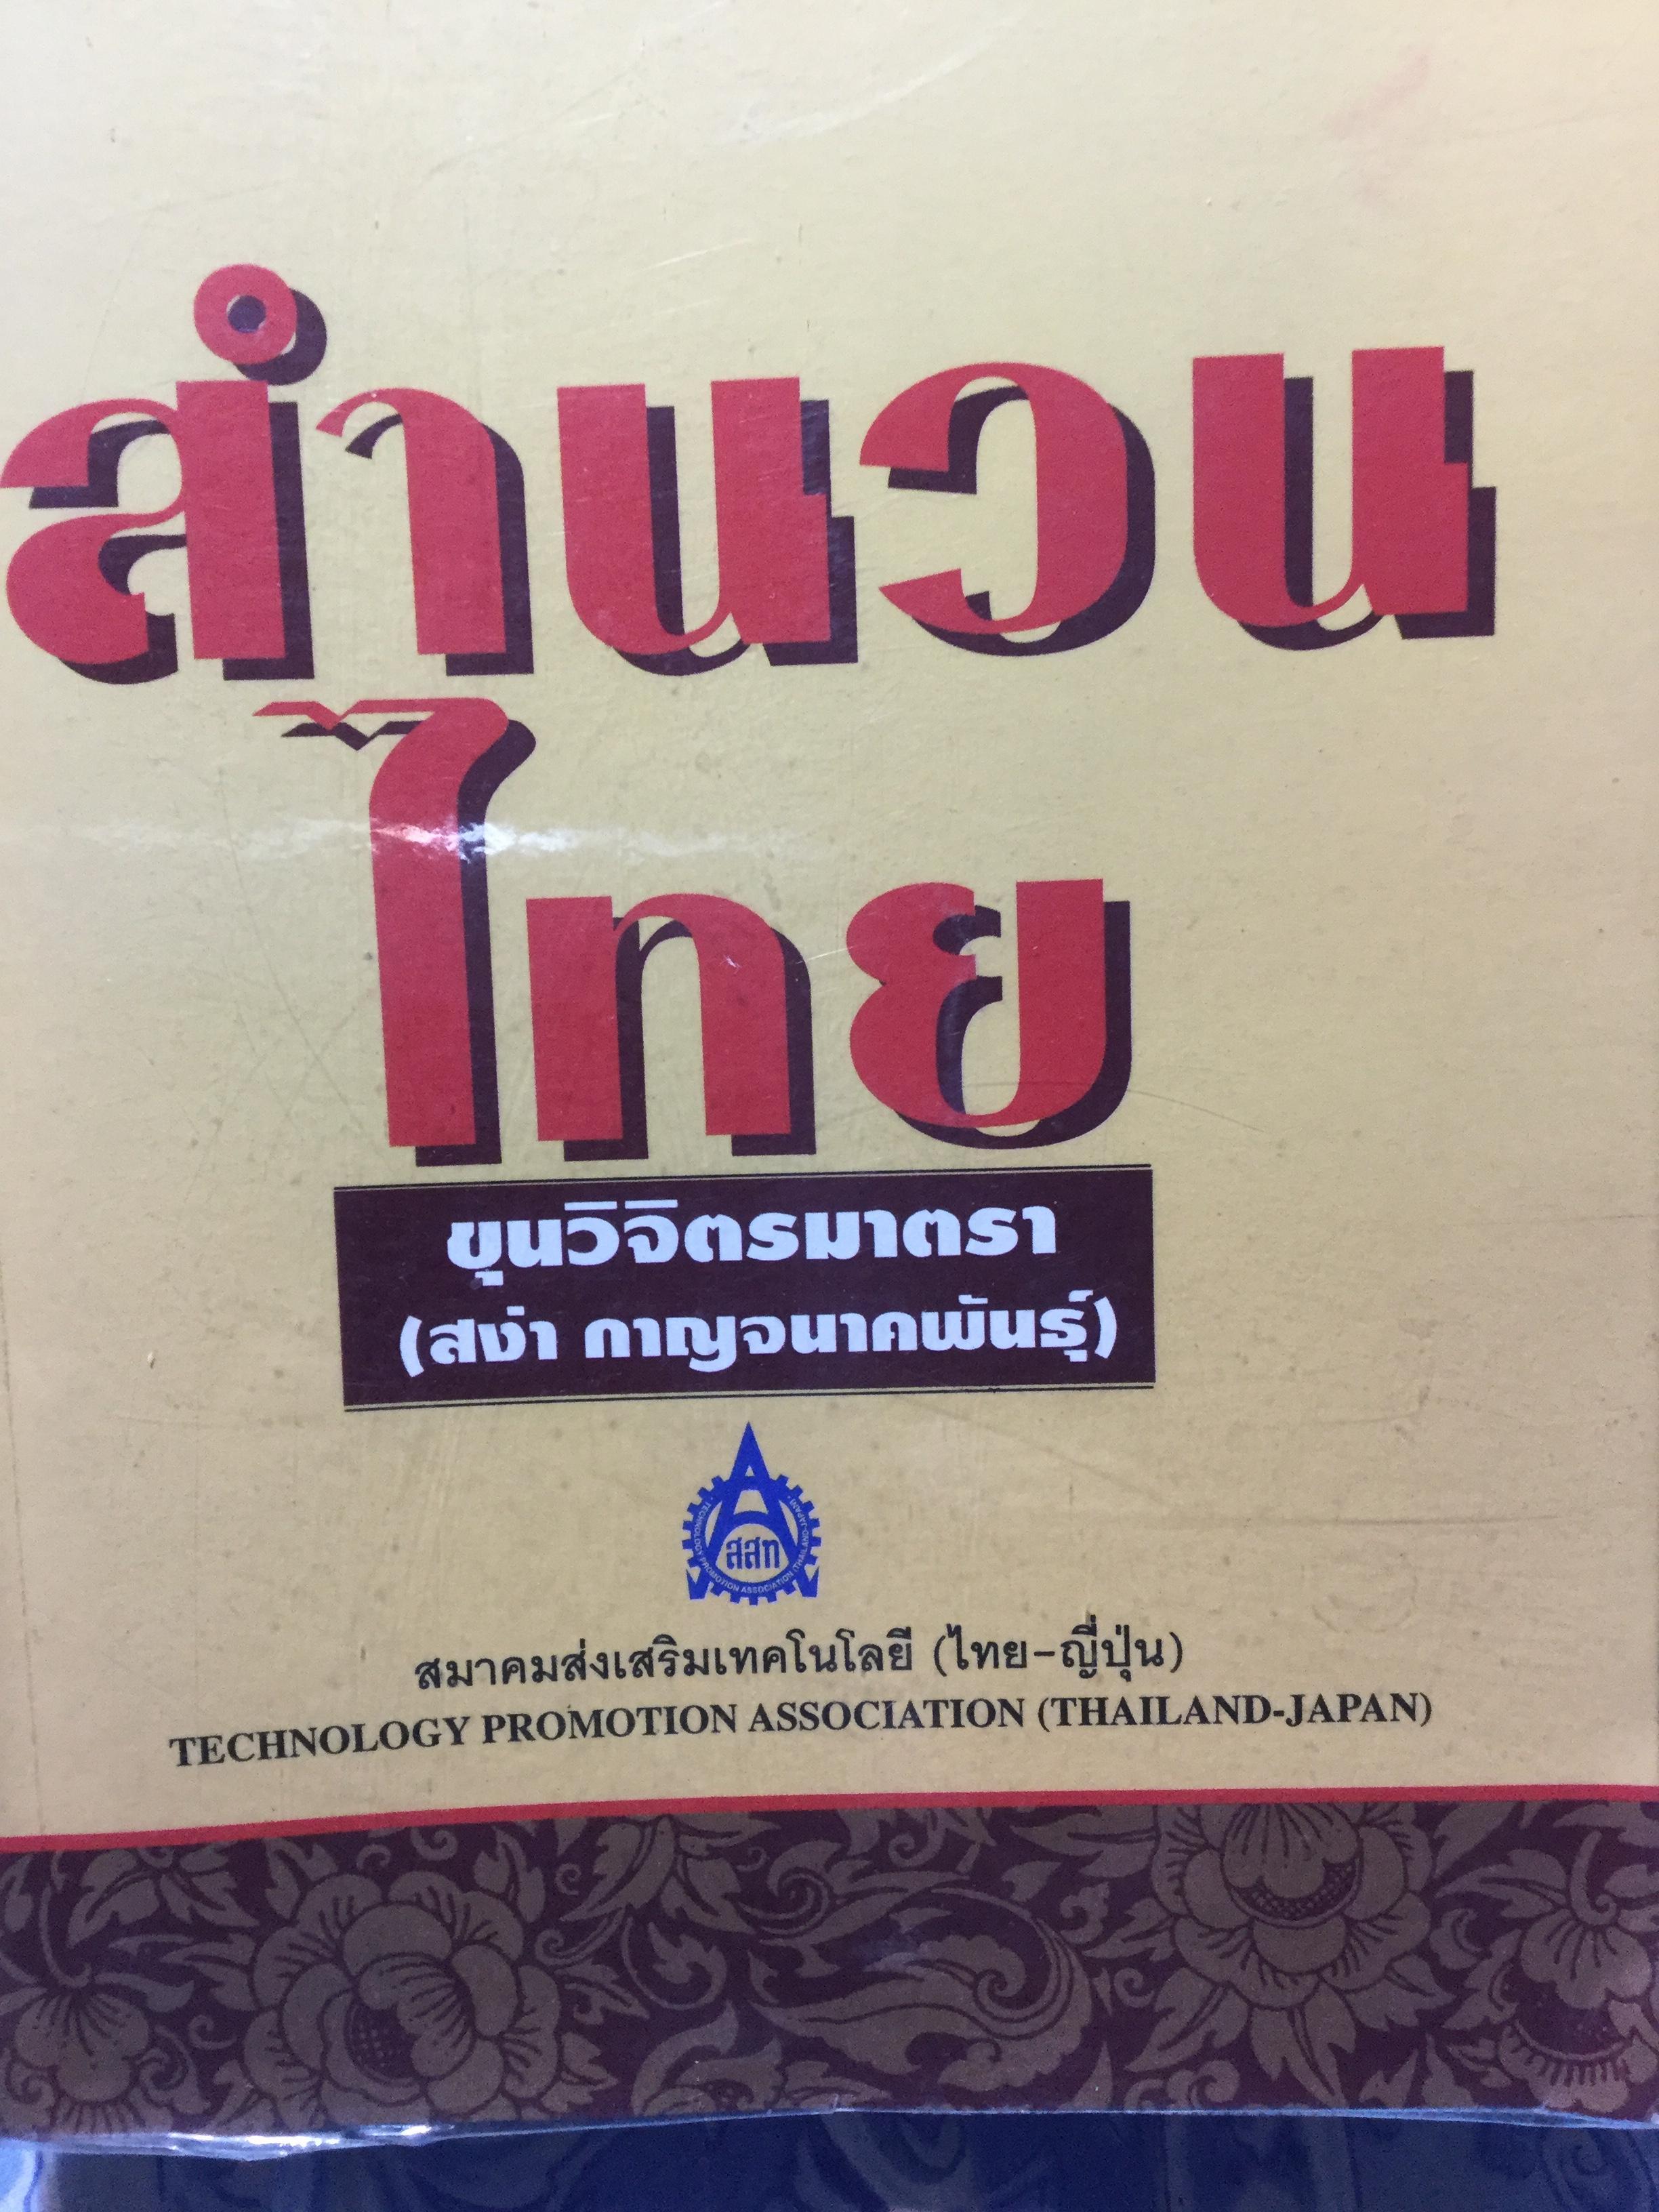 สำนวนไทย. ผู้เขียน ขุนวิจิตรมาตรา (สง่า กาญจนาคพันธ์). จัดทำโดย สมาคมส่งเสริมเทคโนโลยี(ไทย_ญี่ปุ่น)